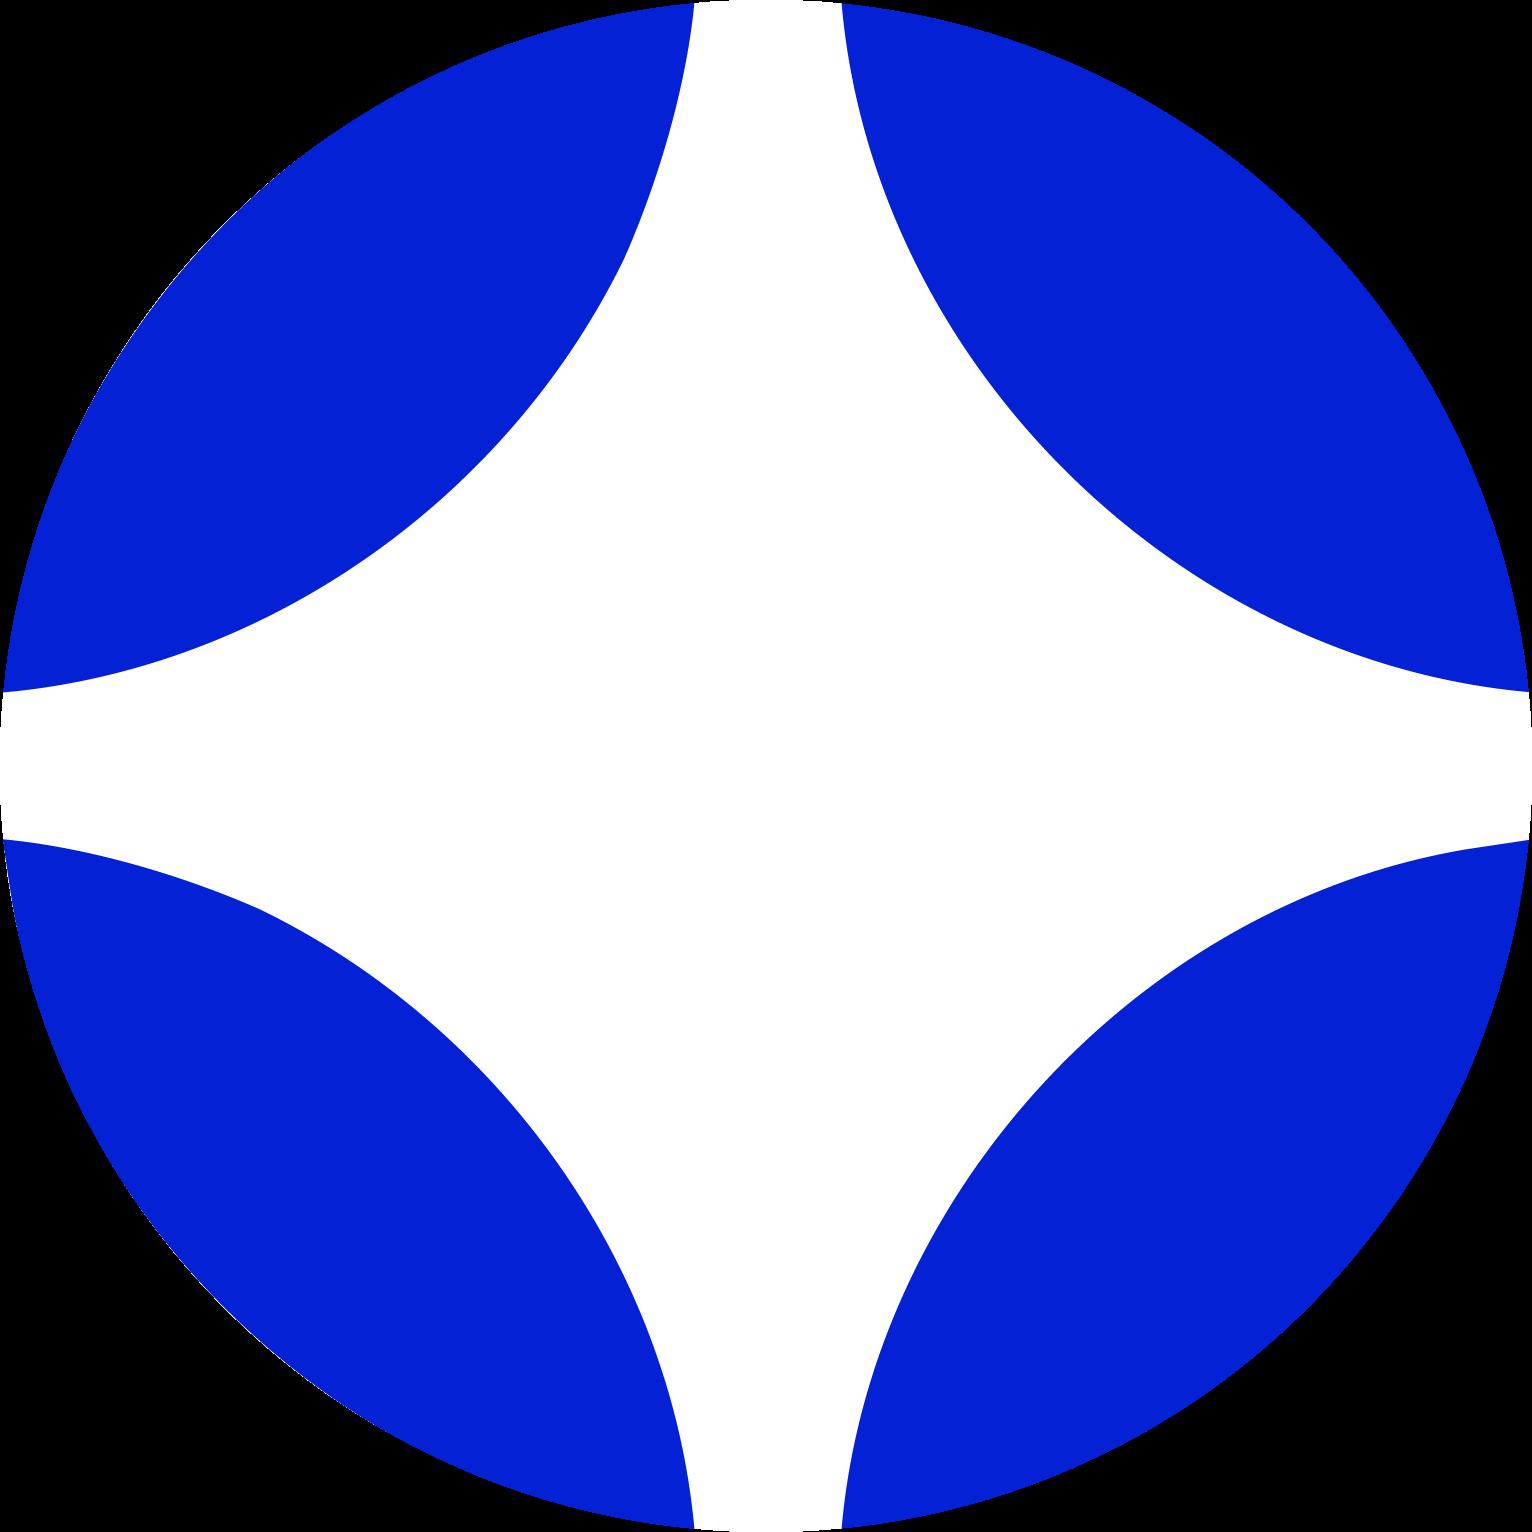 circle-cropped (10)